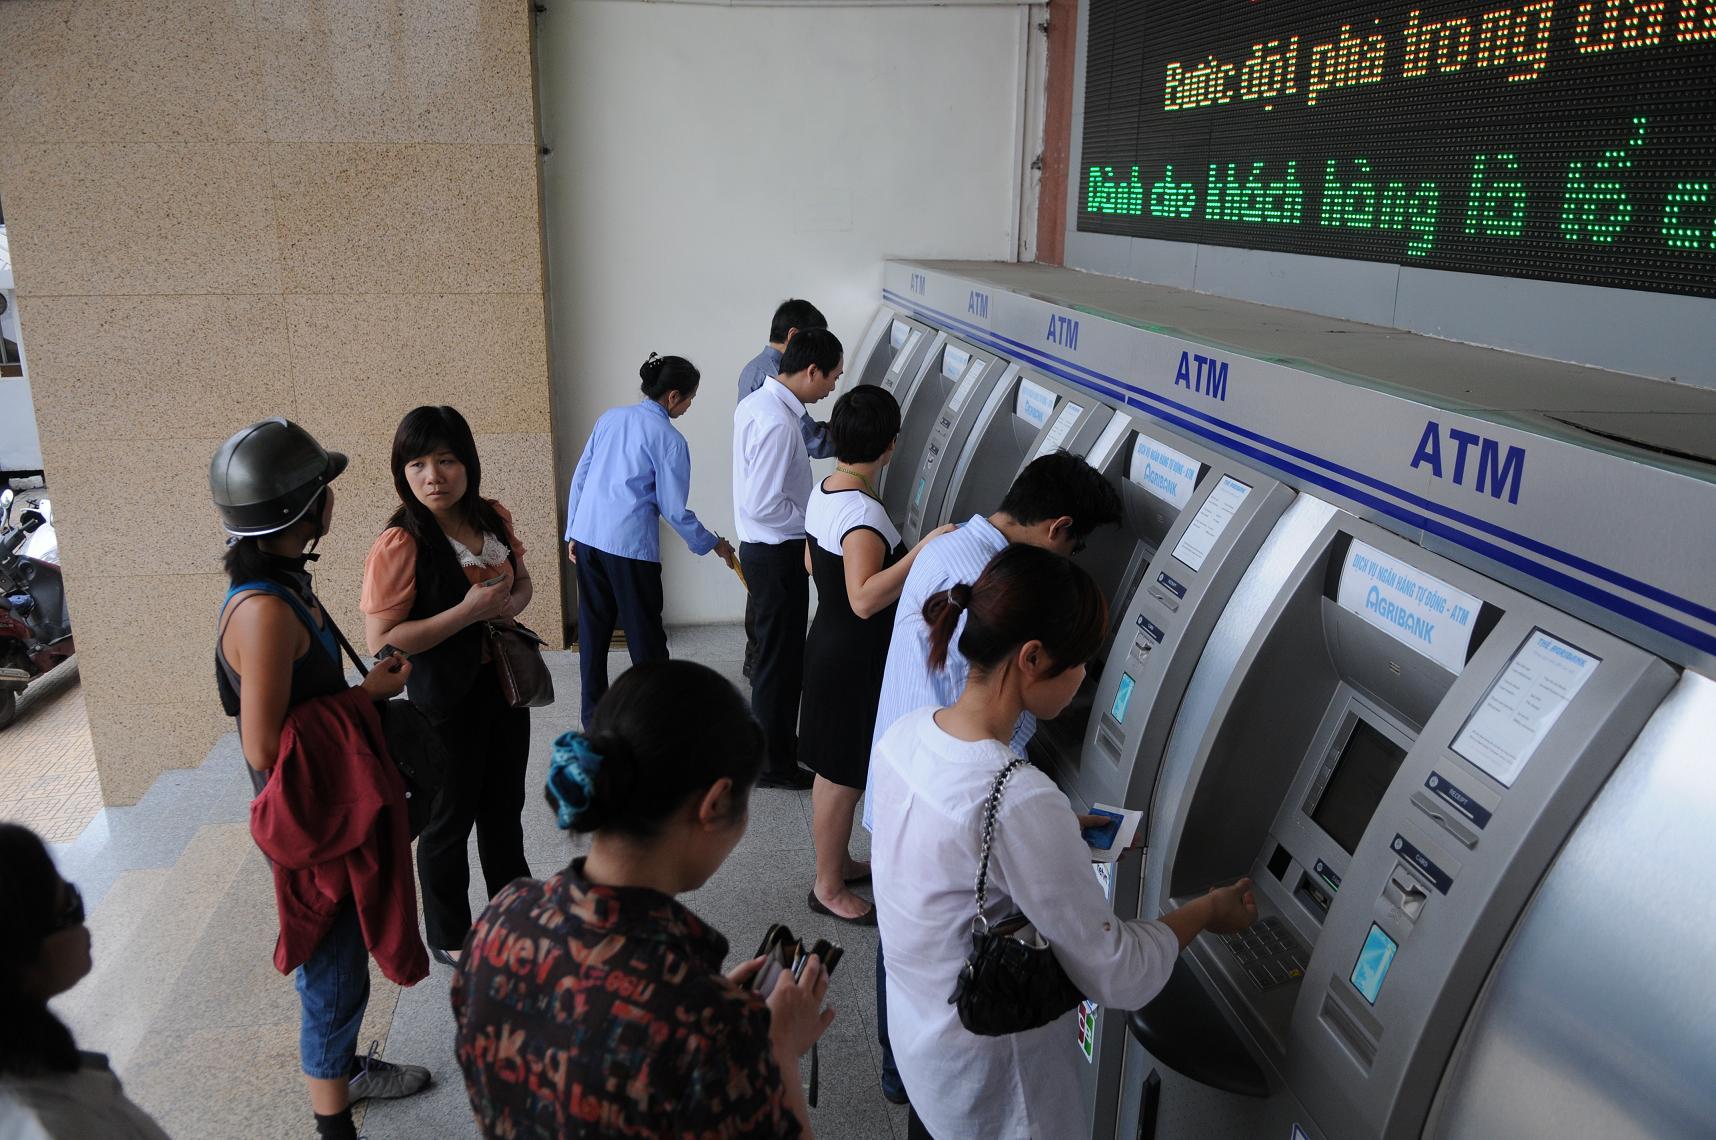 Đảm bảo chất lượng dịch vụ và an toàn hoạt động ATM dịp Tết Nguyên đán 2016